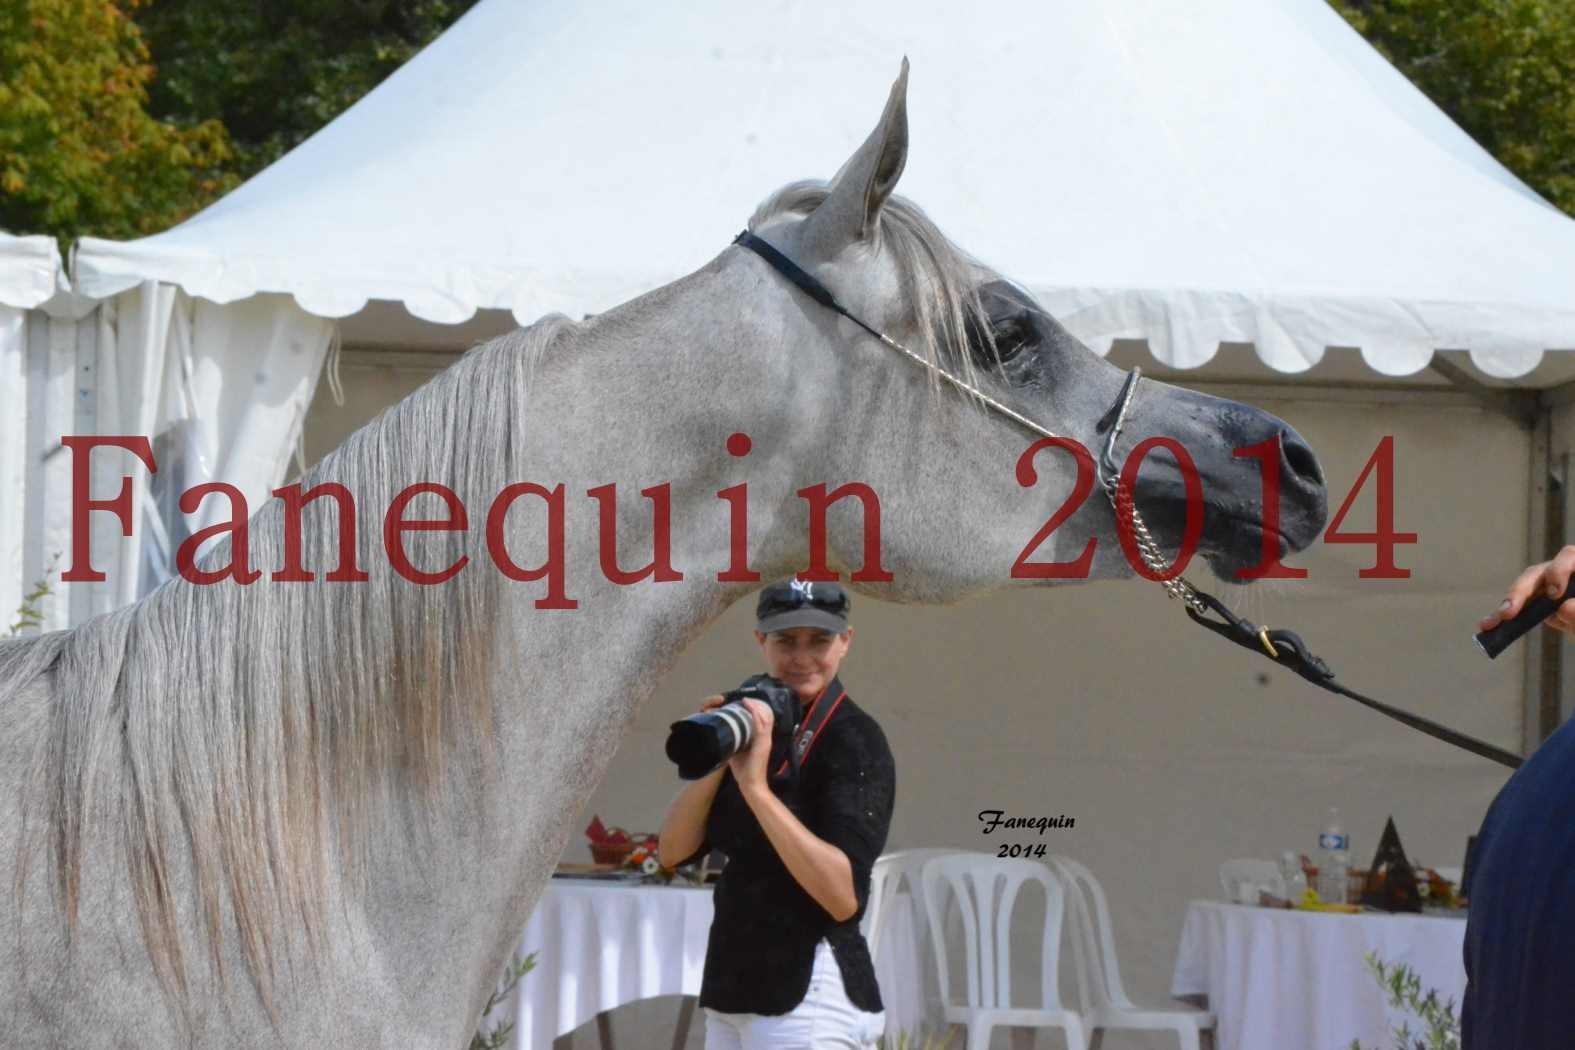 CHAMPIONNAT DE FRANCE 2014 A POMPADOUR - Notre Sélection - Portraits - BLEUENN MILIN AVEL - 3